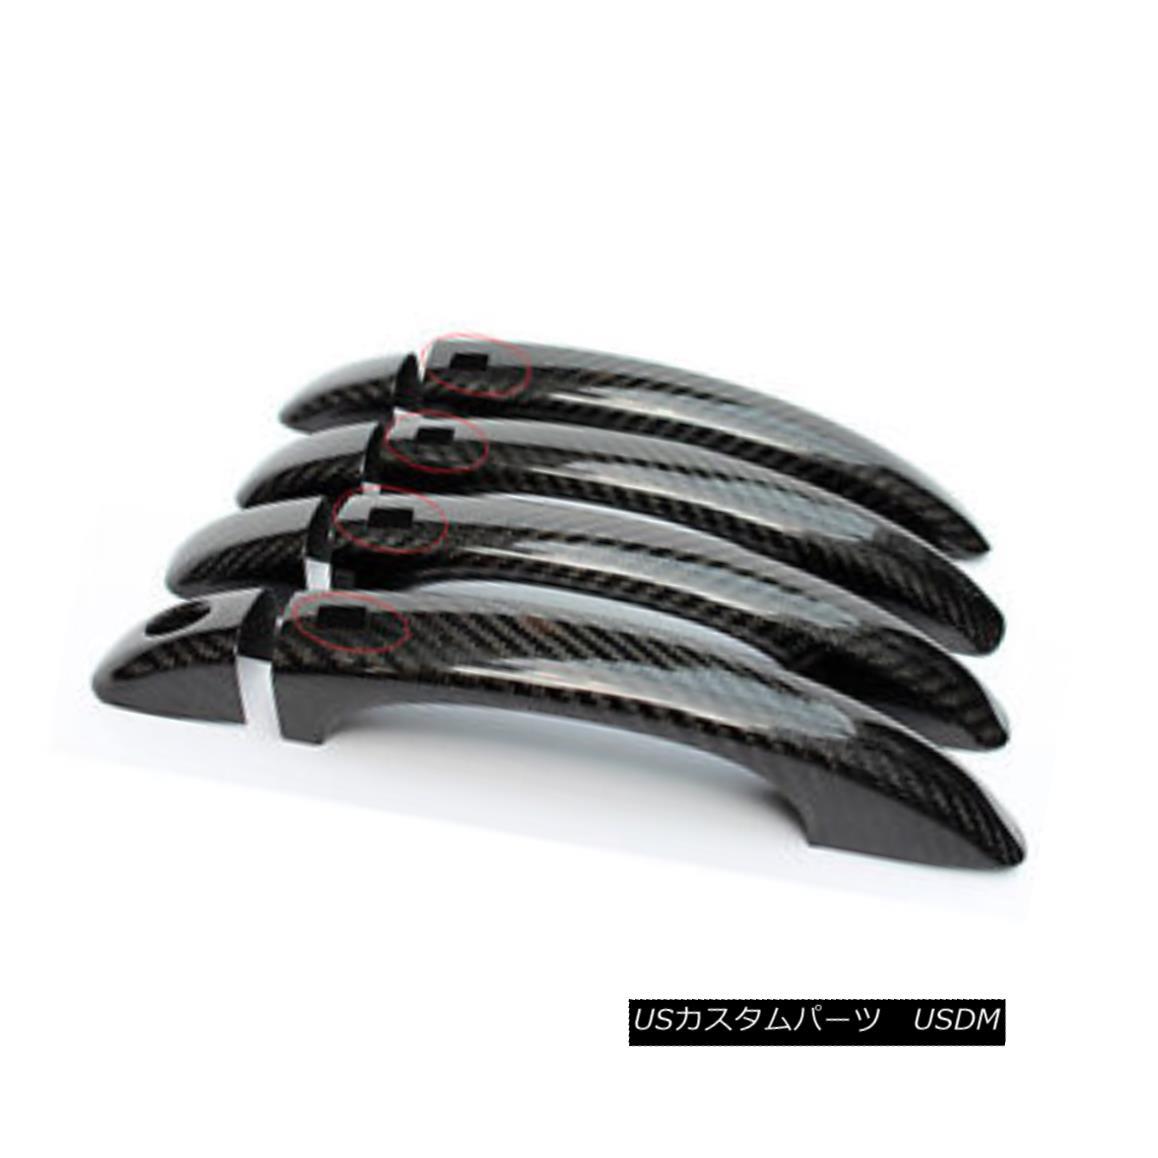 車用品 バイク用品 >> パーツ 外装 エアロパーツ その他 Outter 春の新作続々 Door Handle Cover Carbon With Sensor 10-16 Audi 舗 For Trim Q5 Fiber アウディ10-16用外側ドアハンドルカバーセンサーバートリムカーボンファイバー付きQ5 Bar